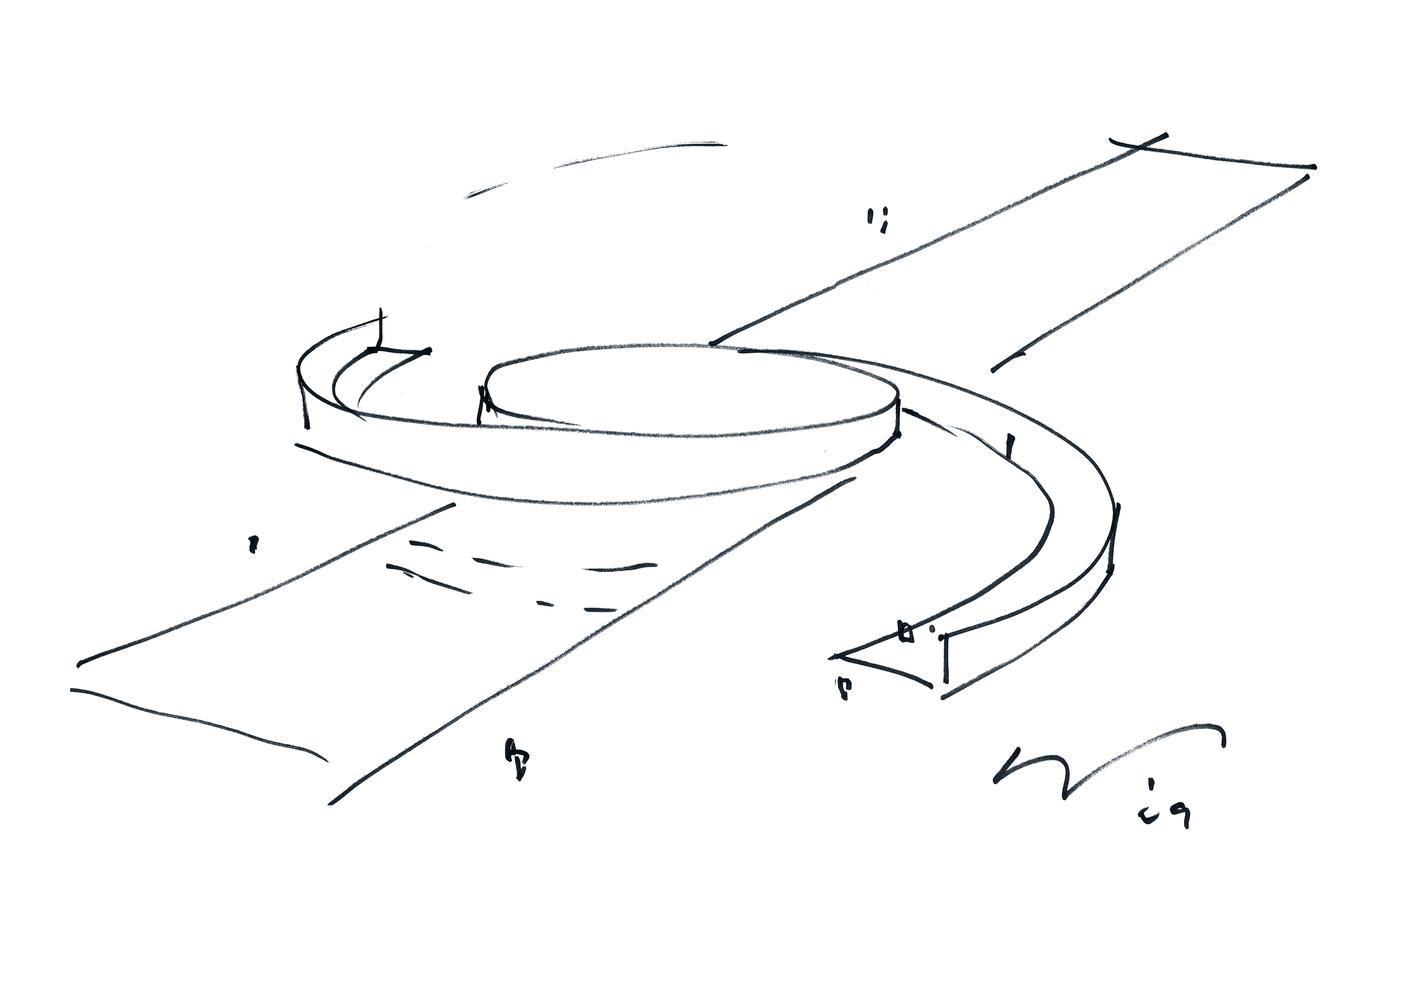 c1 sketch.jpg